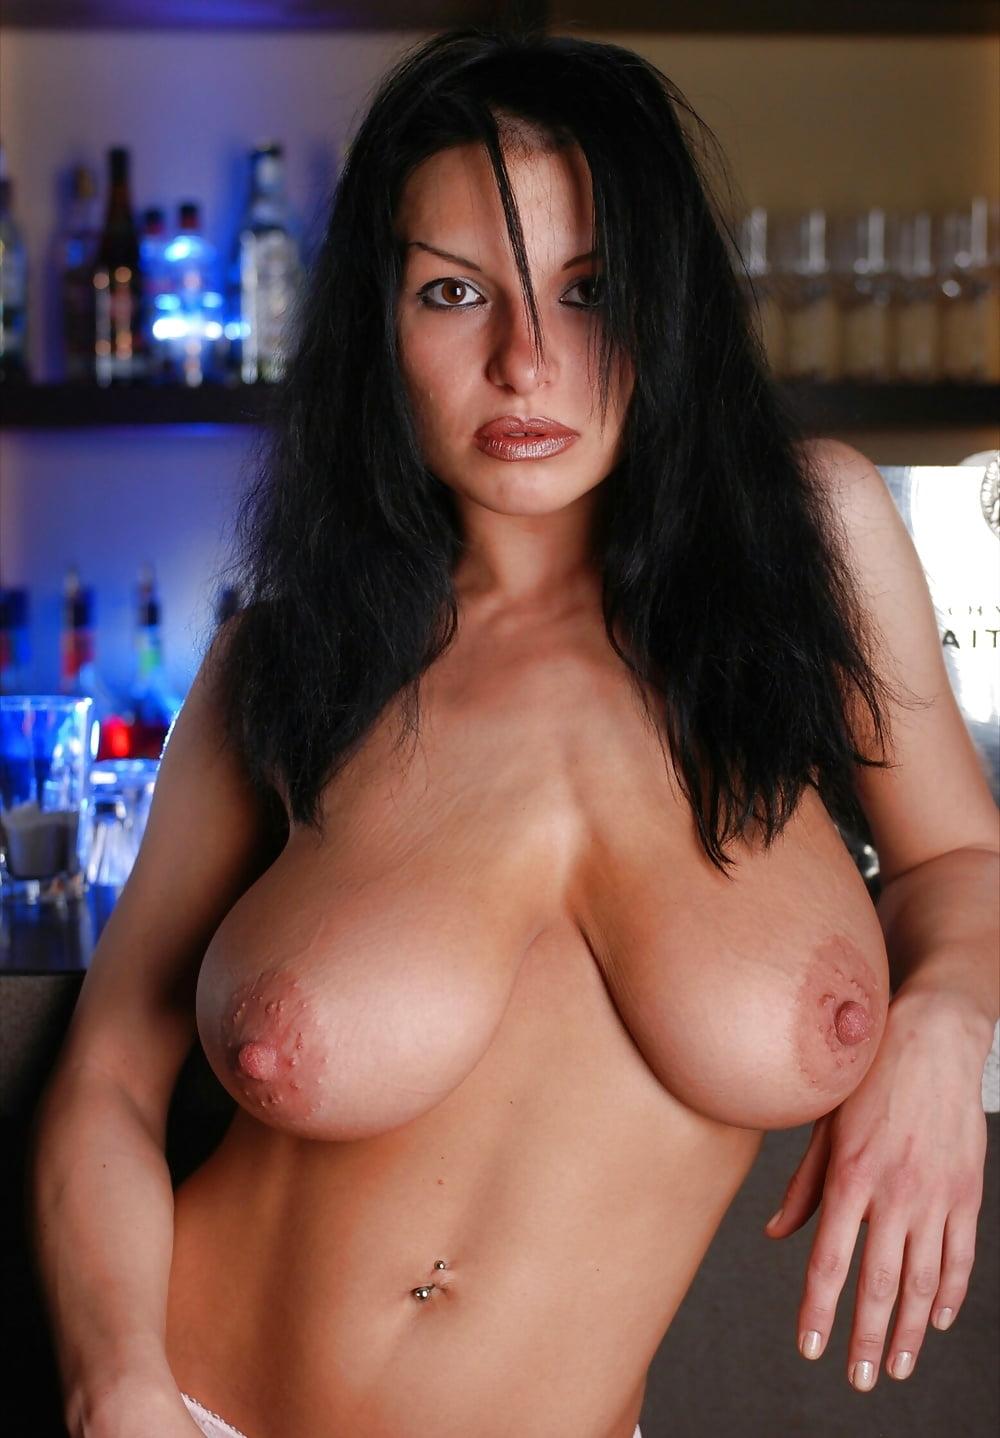 Sexy mother boobs #12